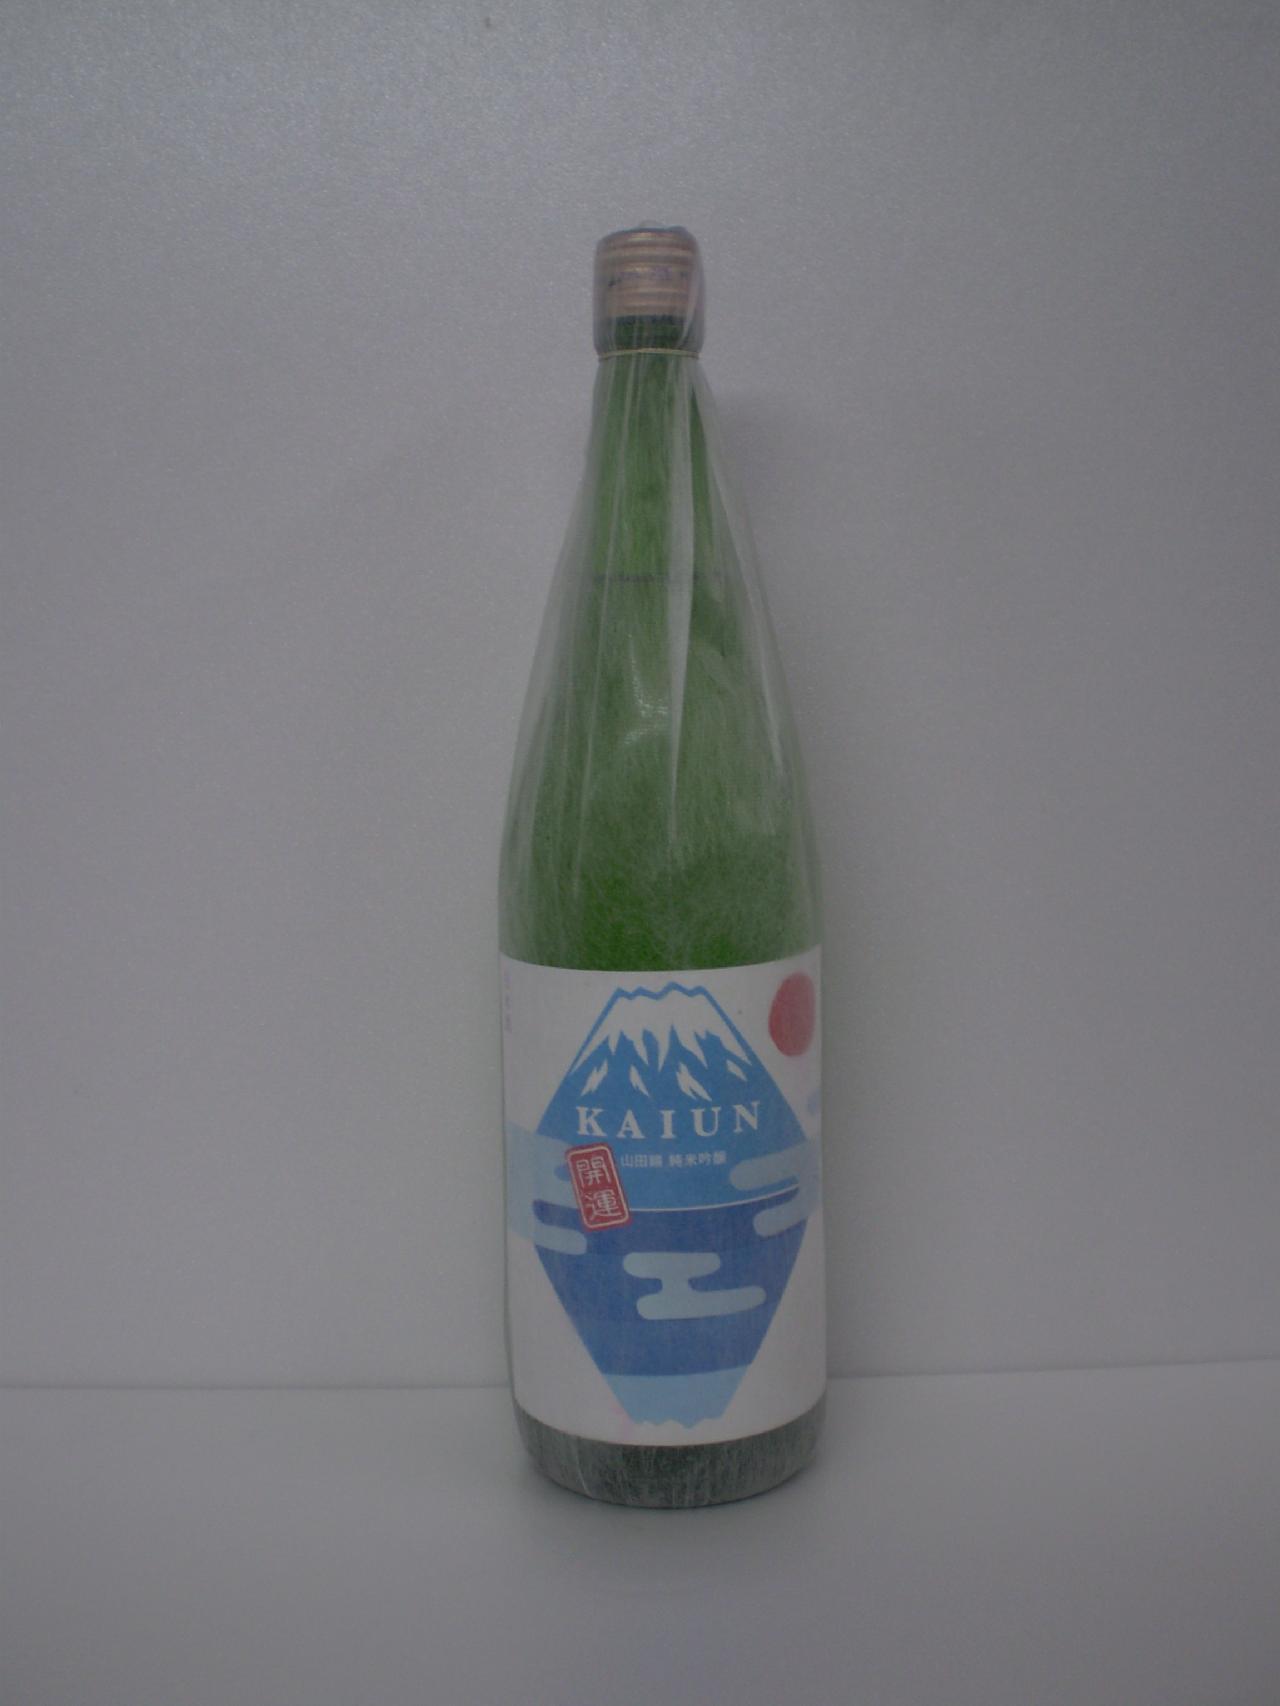 開運 純米吟醸 逆さ富士 1800ml 土井酒造